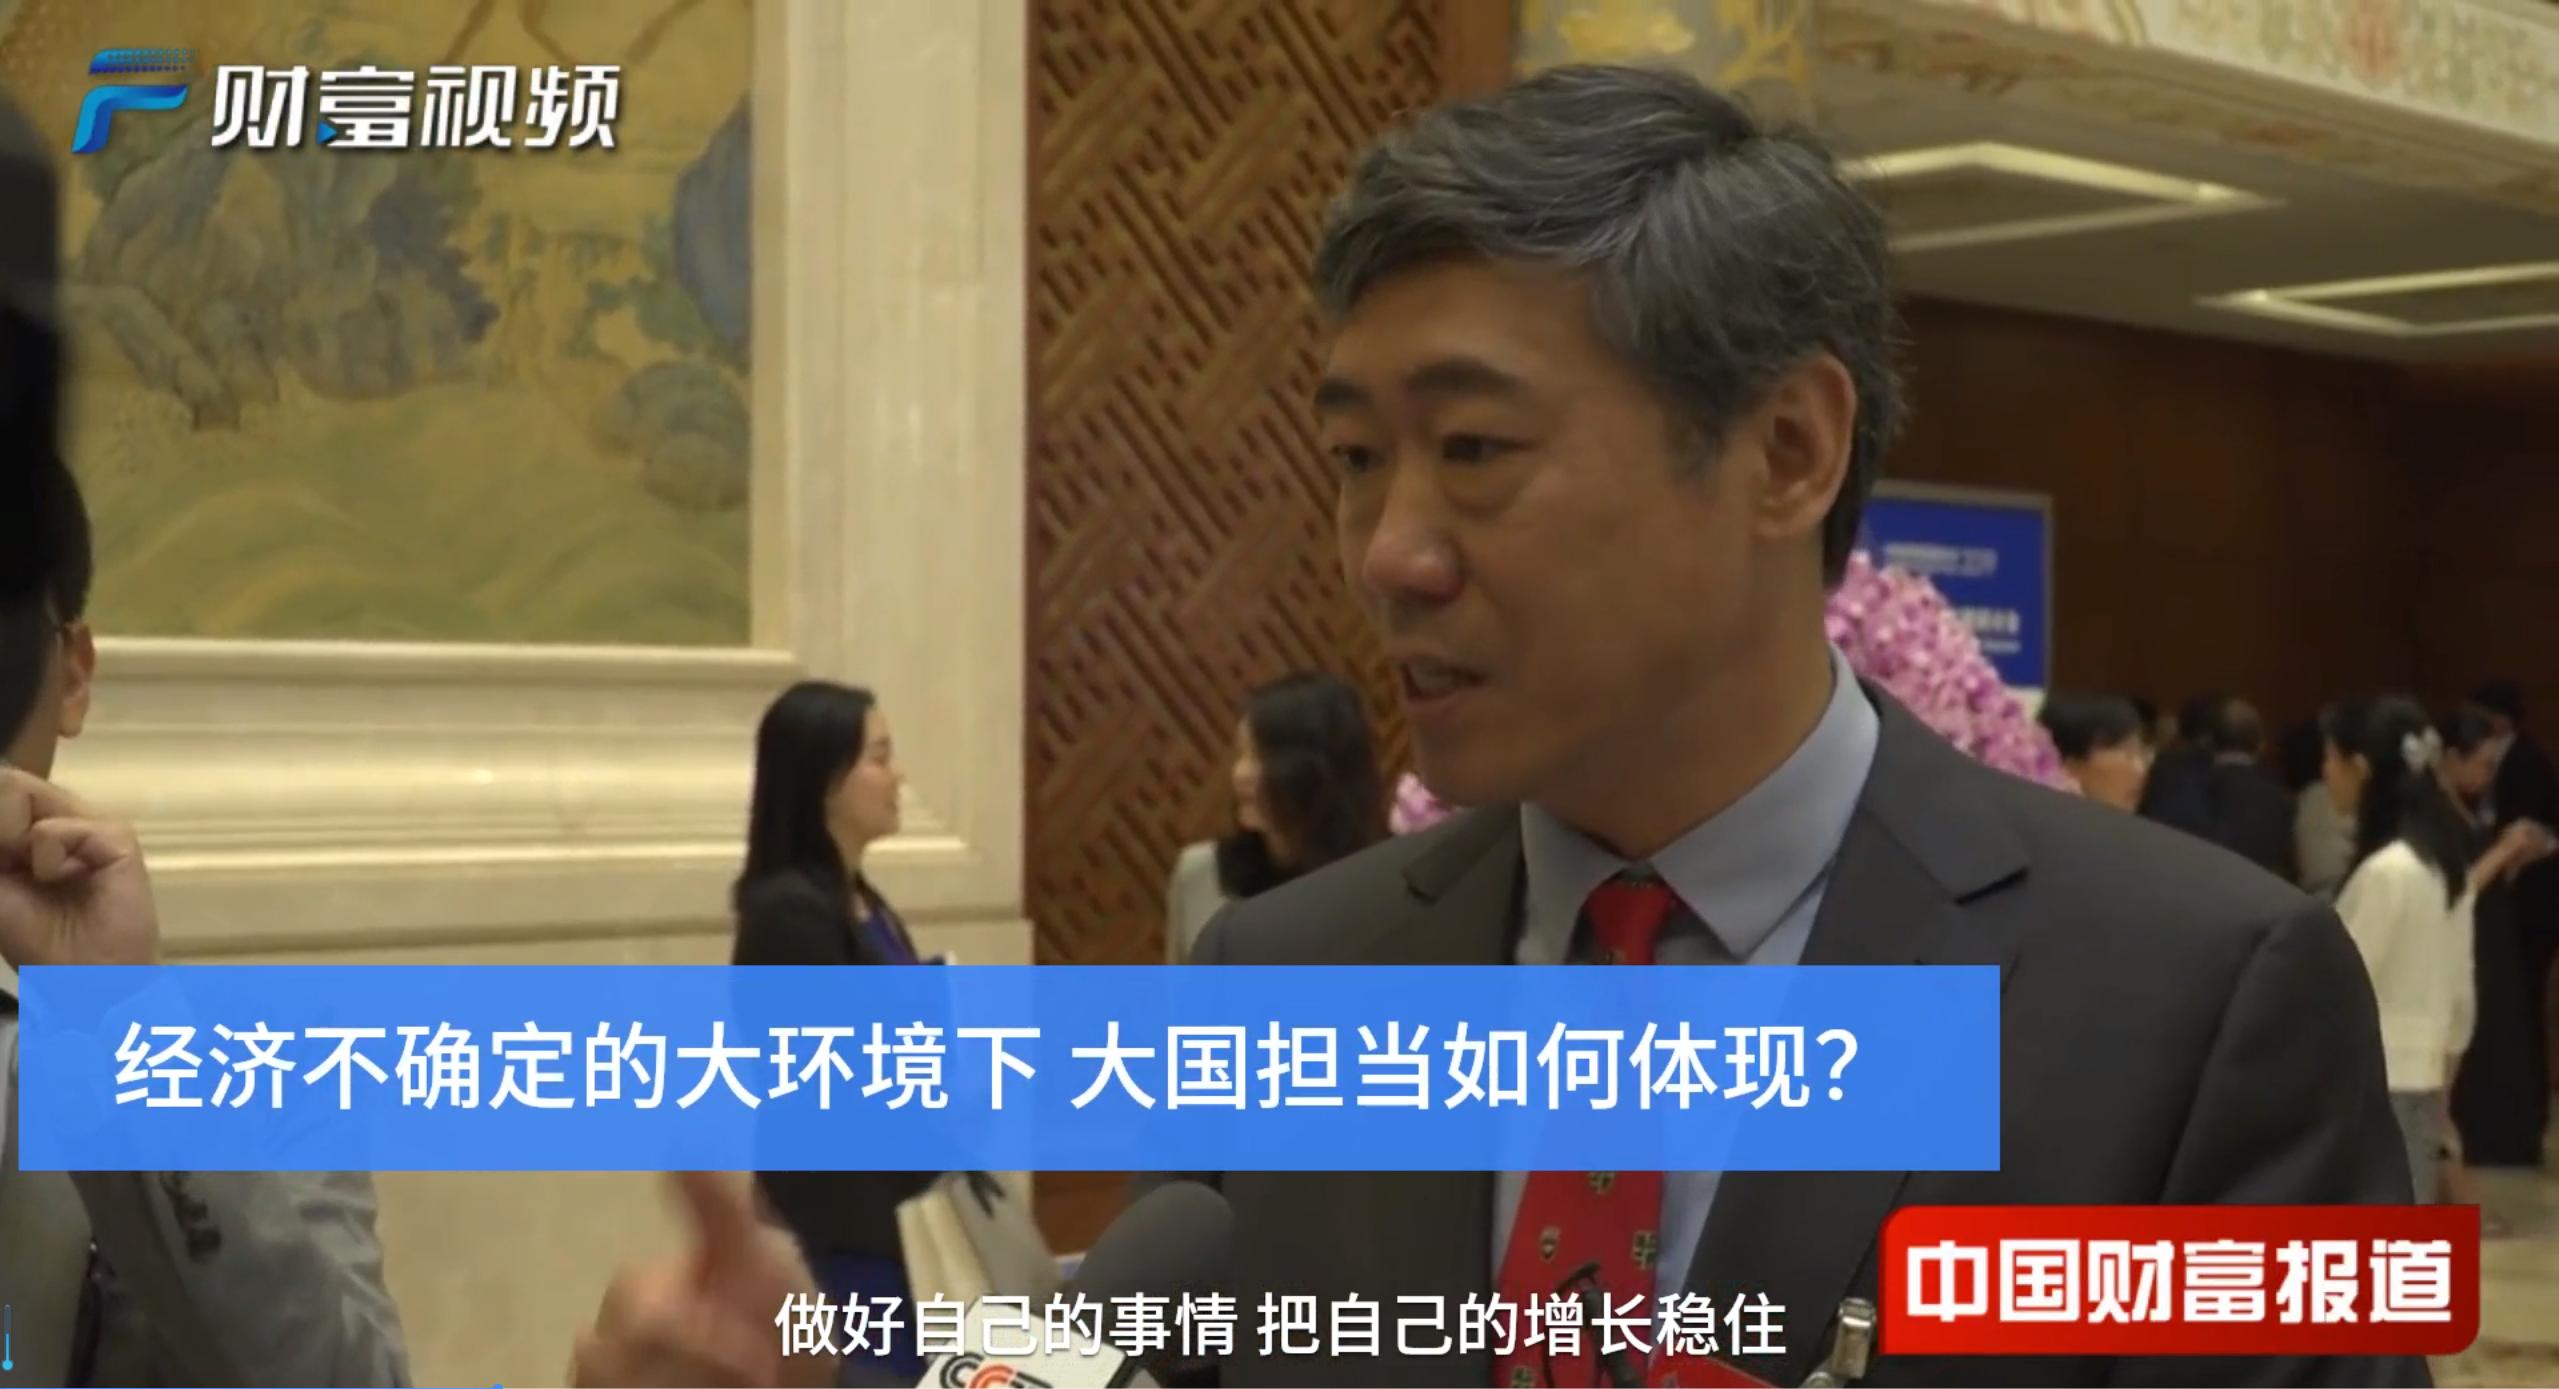 【中国财富报道】李稻葵:中国做好了自己的事情 就是世界经济的定心丸